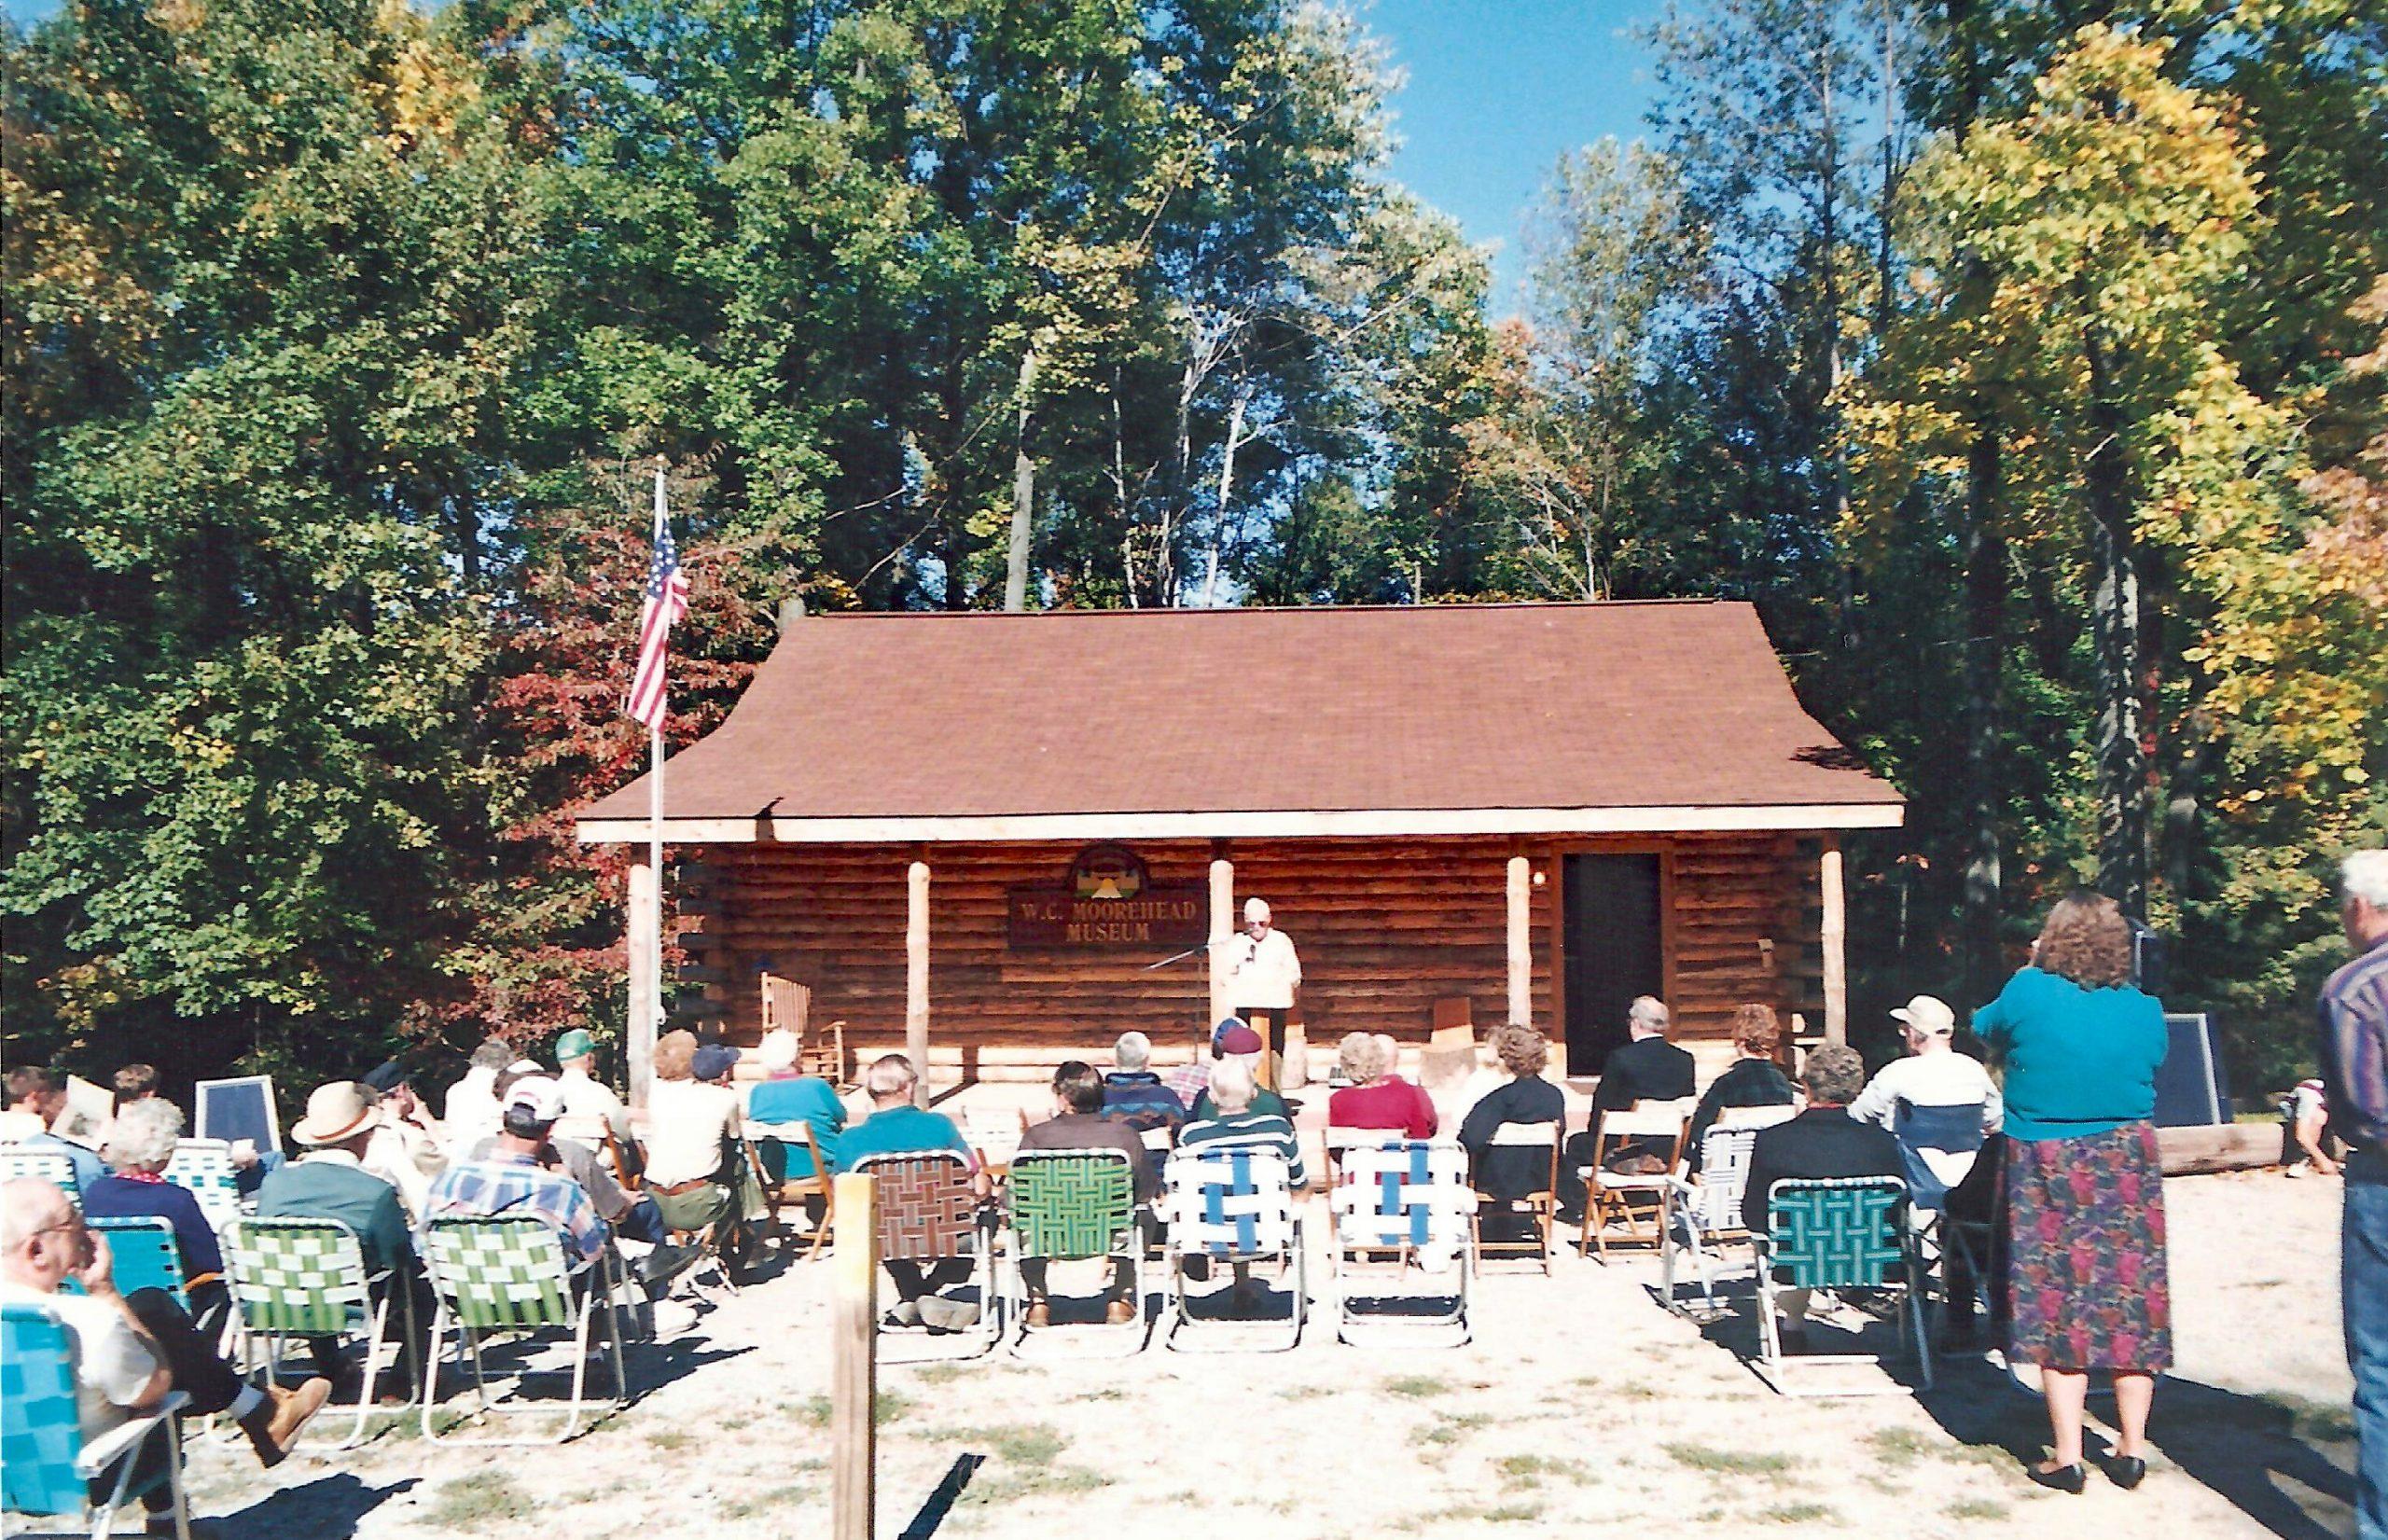 W.C. Moorhead Museum dedication in 1996